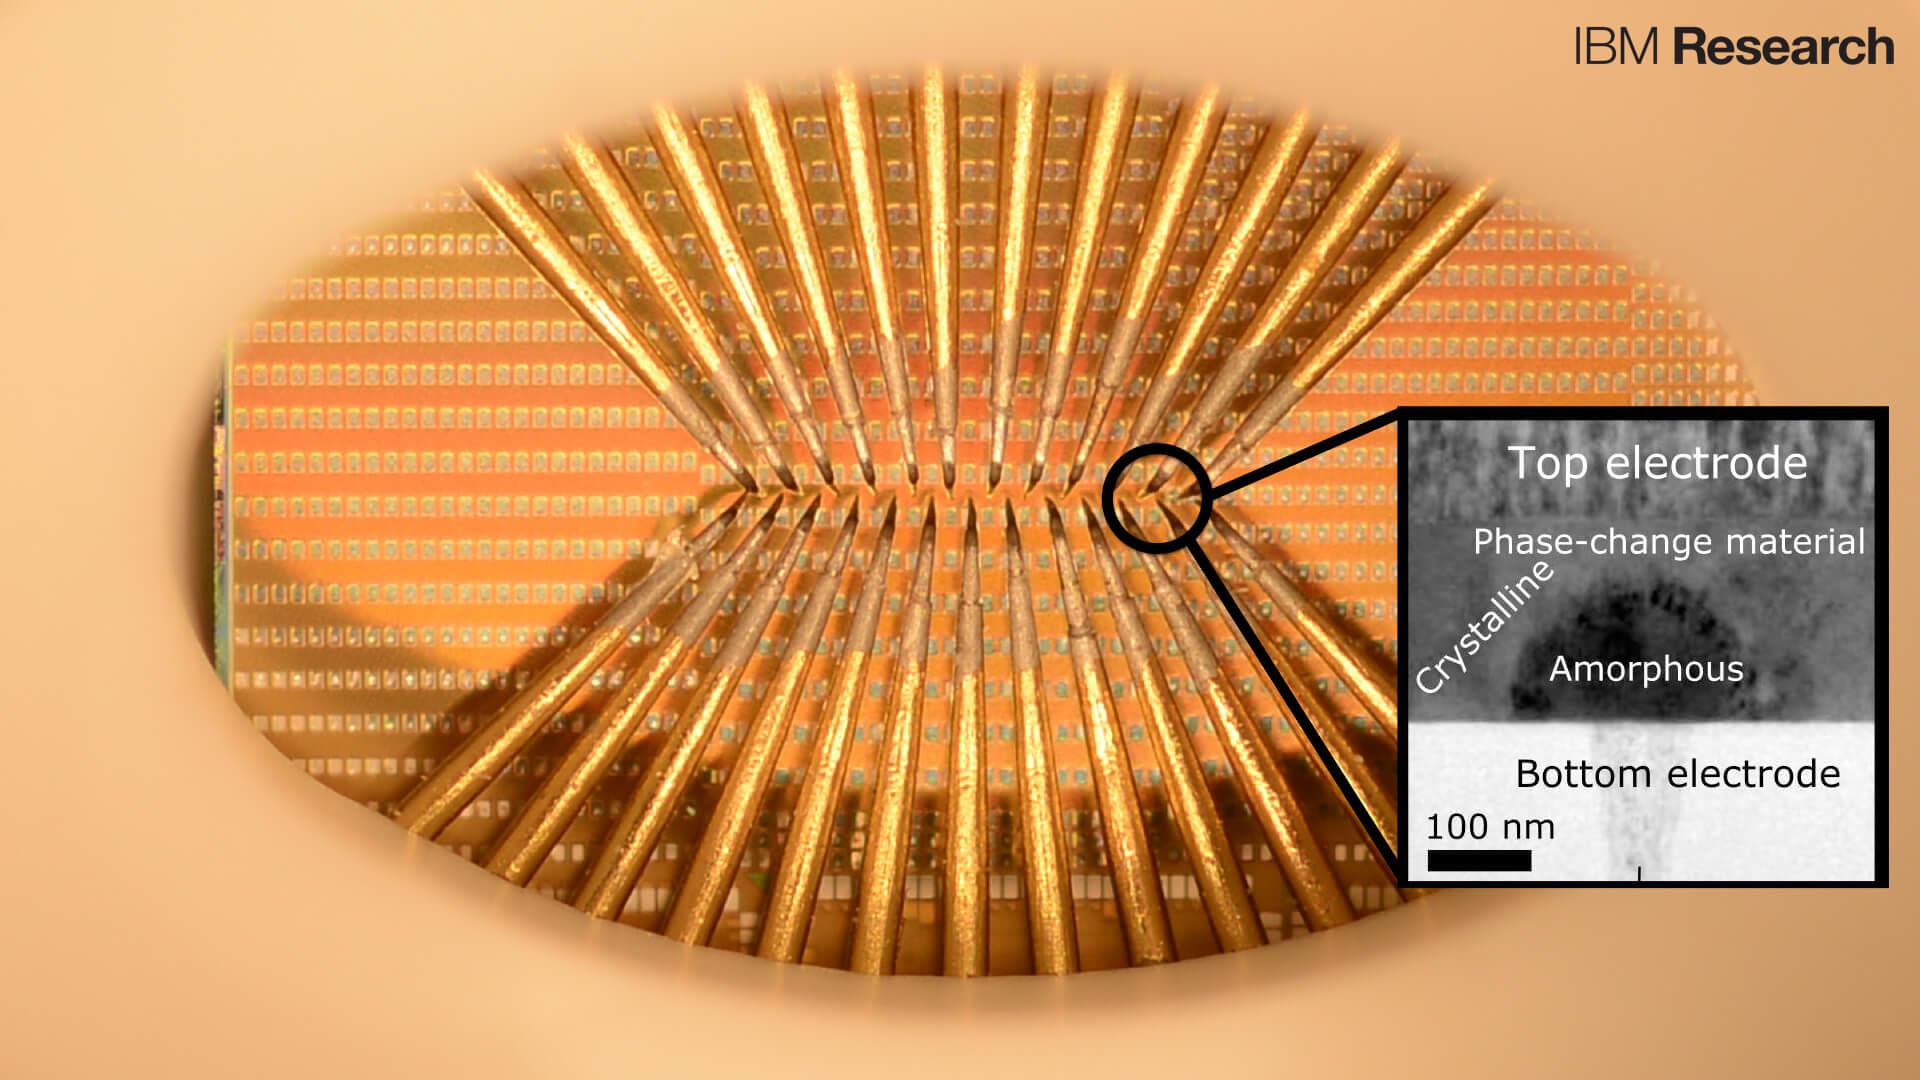 ibm-artificial-neuron-chip-1